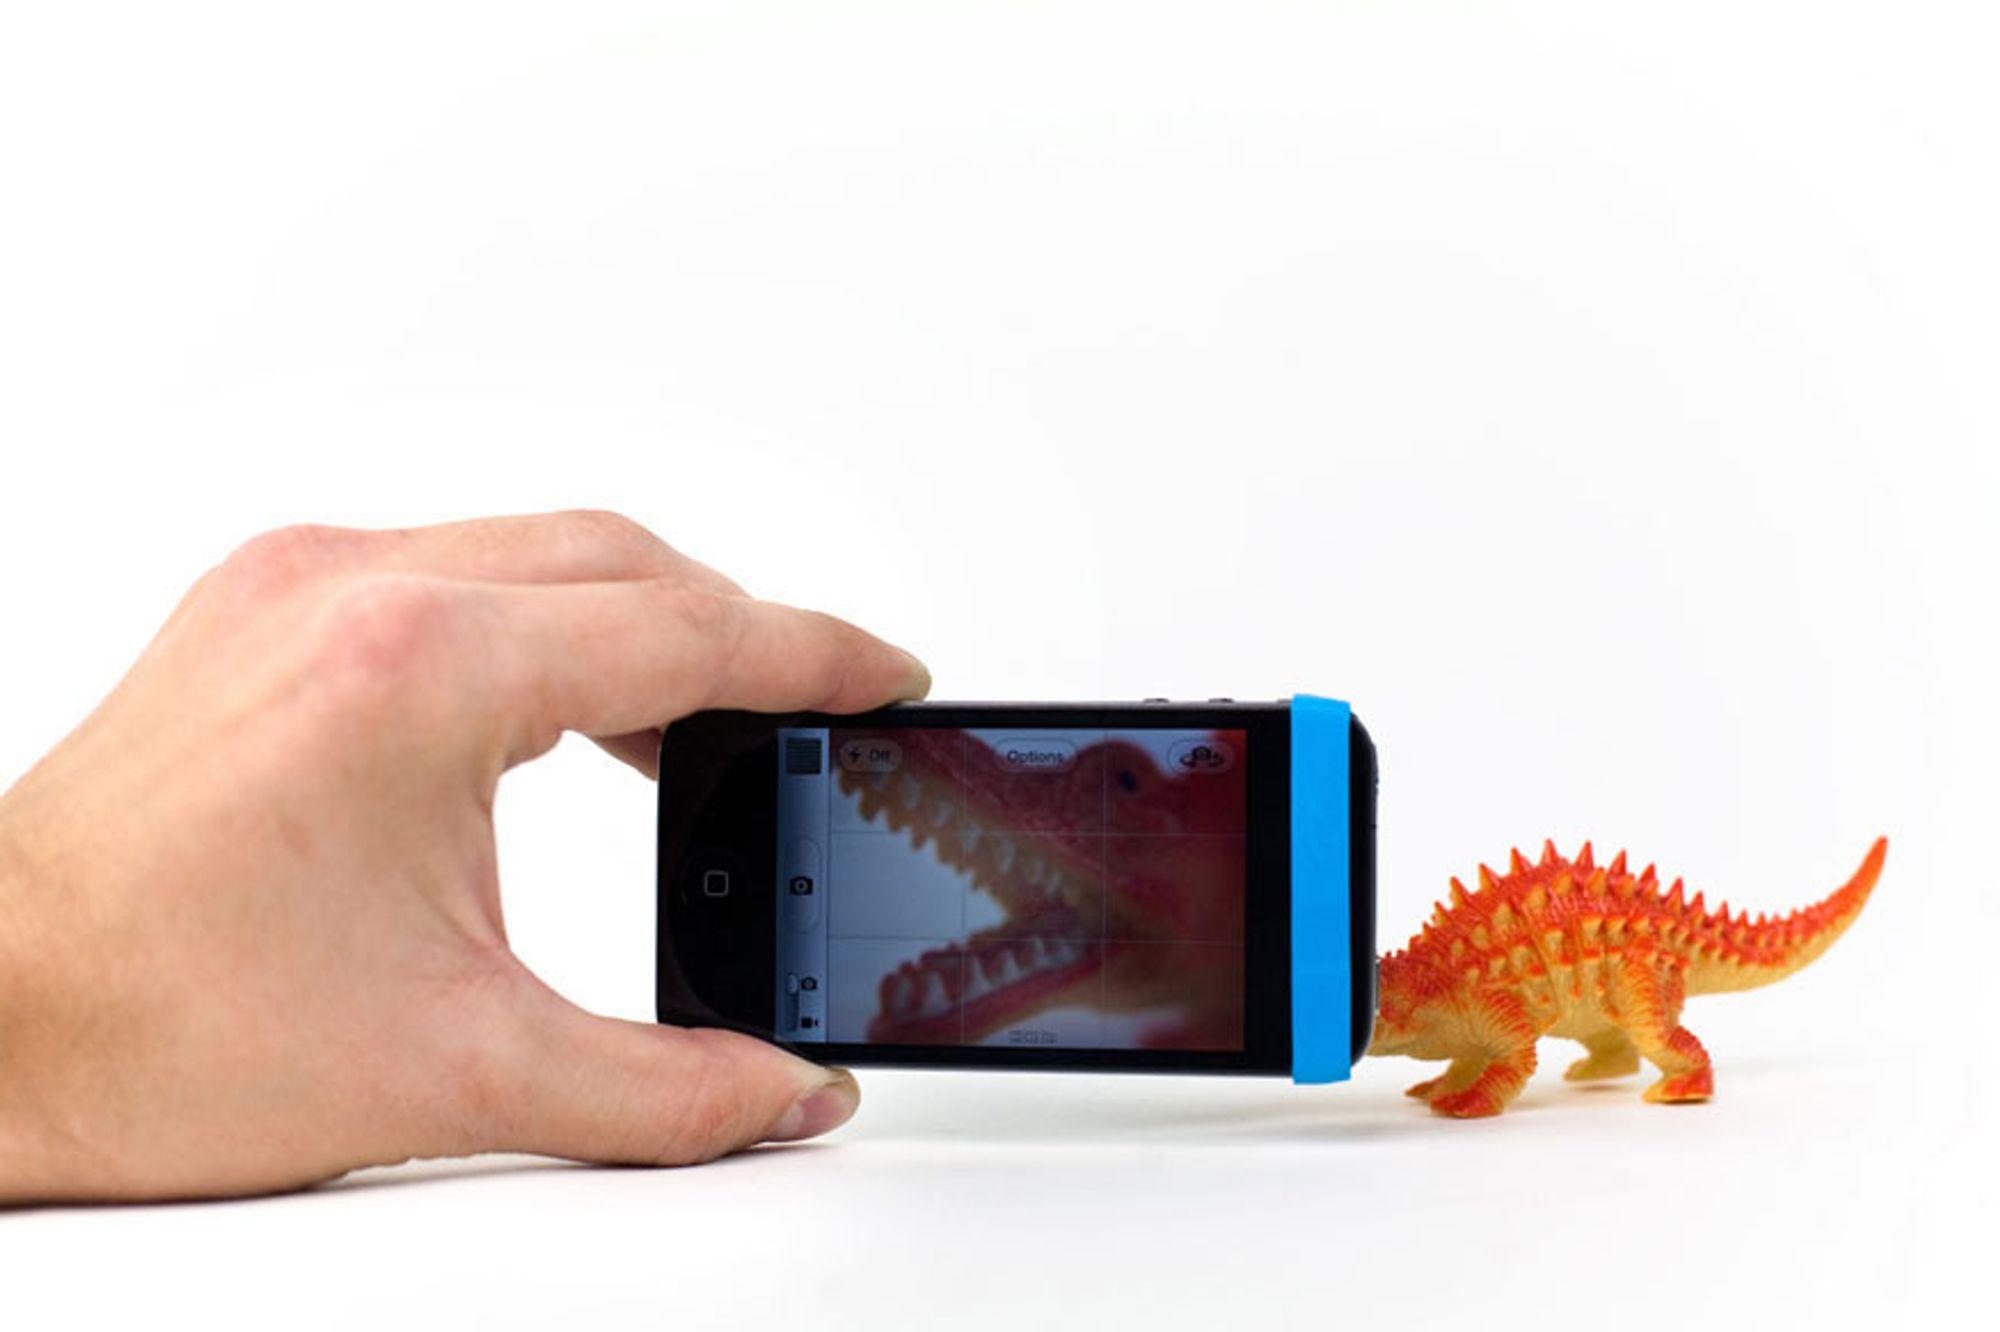 Nærbilder med alle mobiler